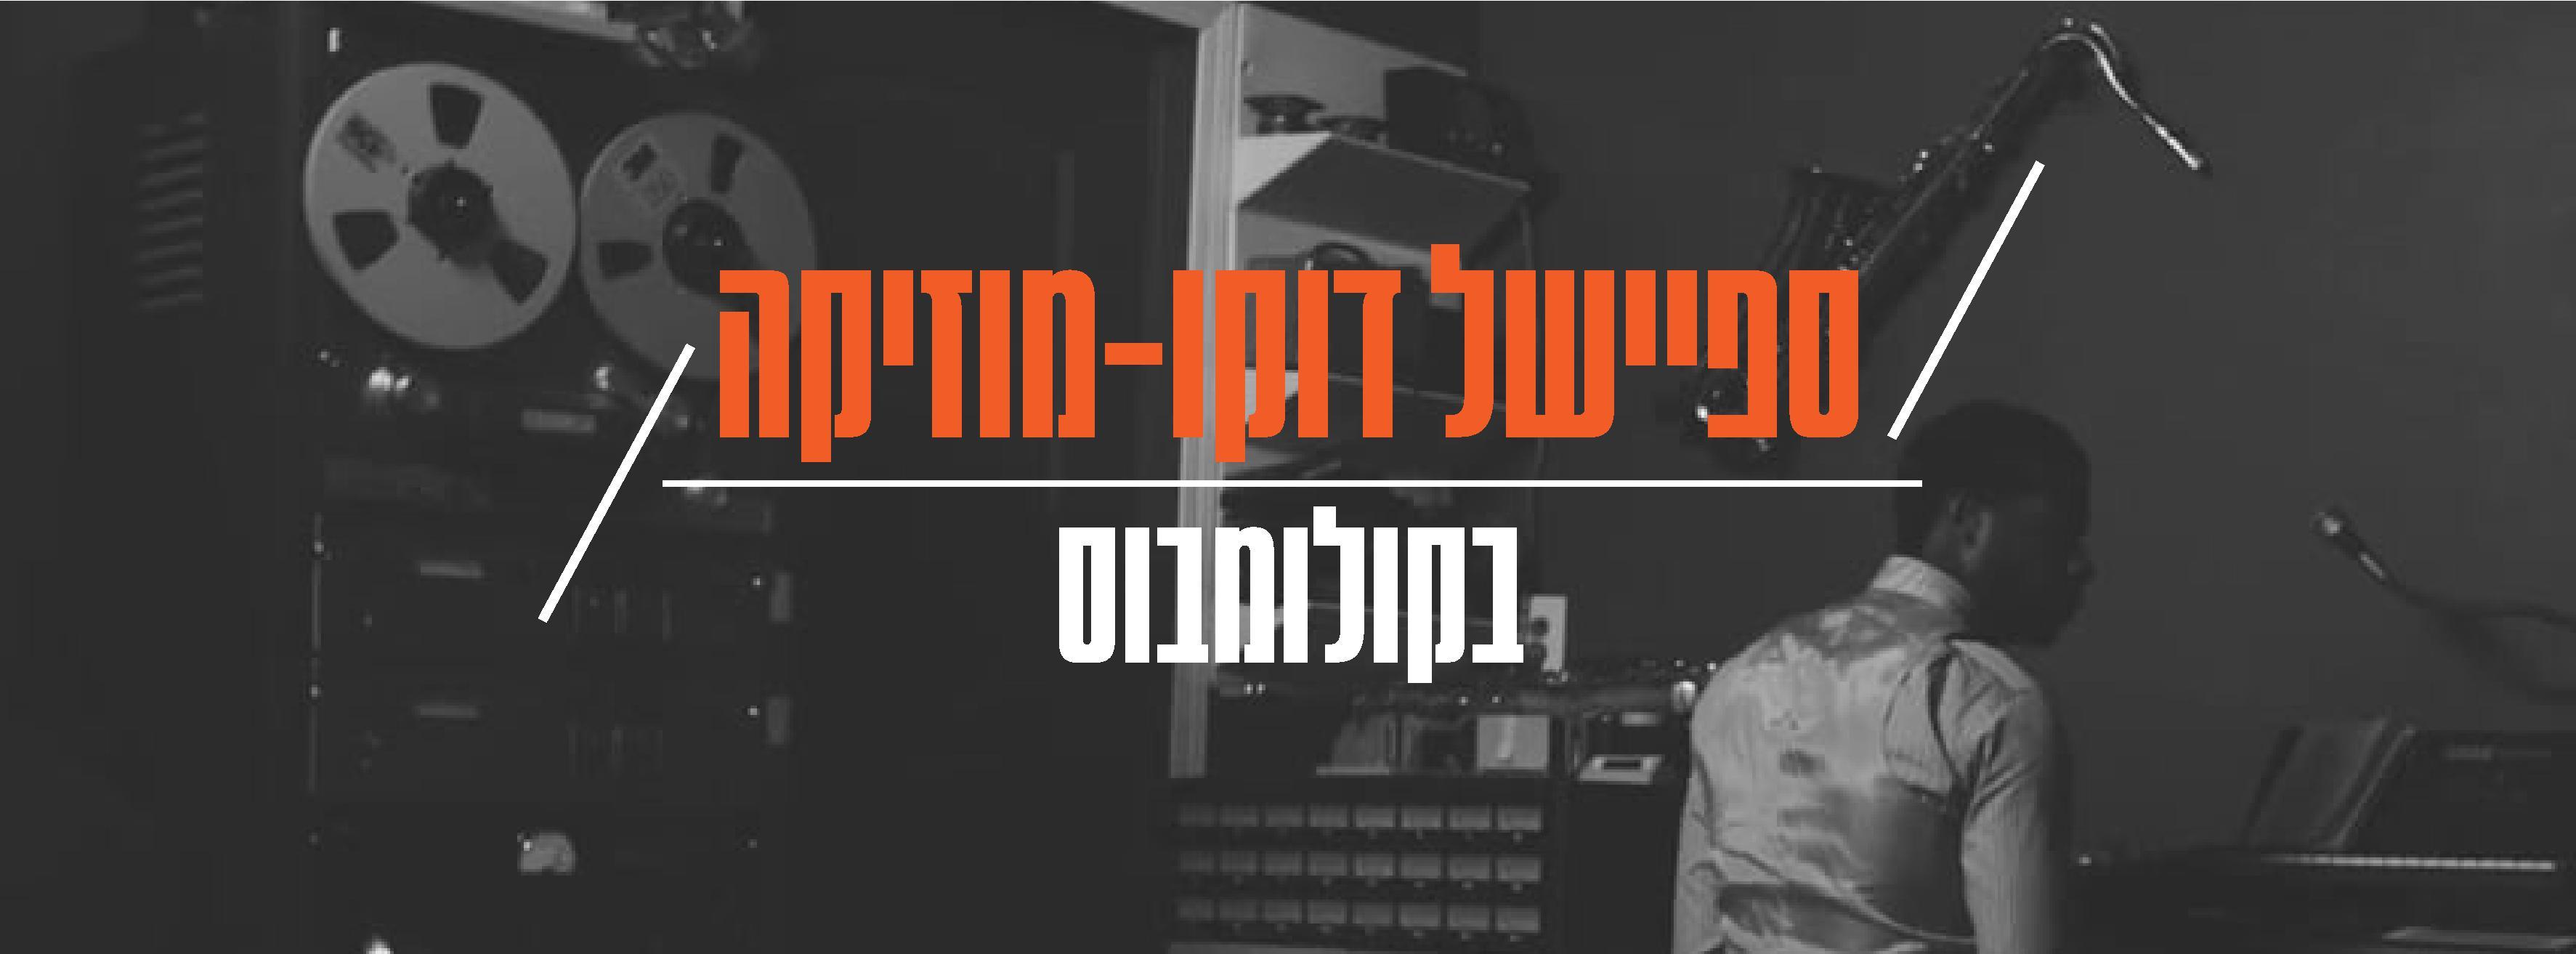 ספיישל דוקו-מוזיקה: צוות המגזין של קולומבוס ממליץ על סרטי דוקו מוזיקליים נבחרים